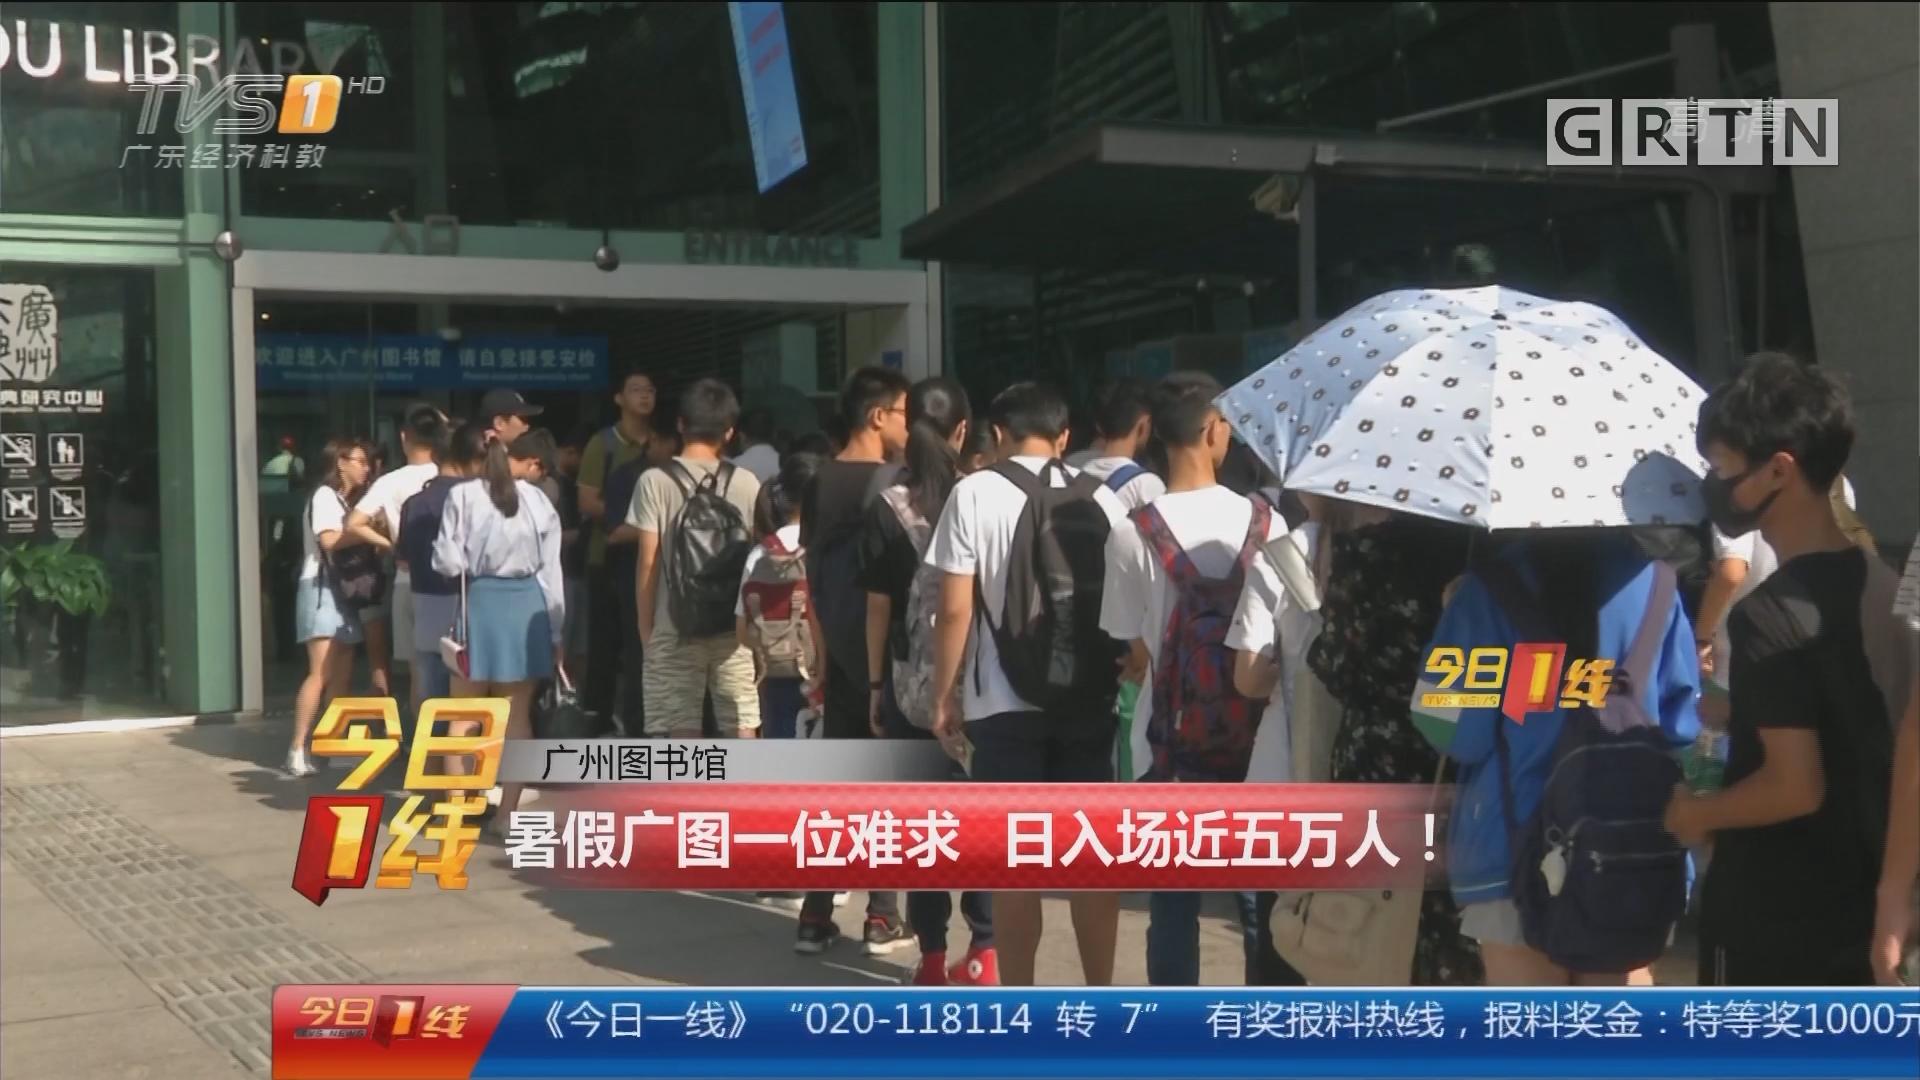 广州图书馆:暑假广图一位难求 日入场近五万人!